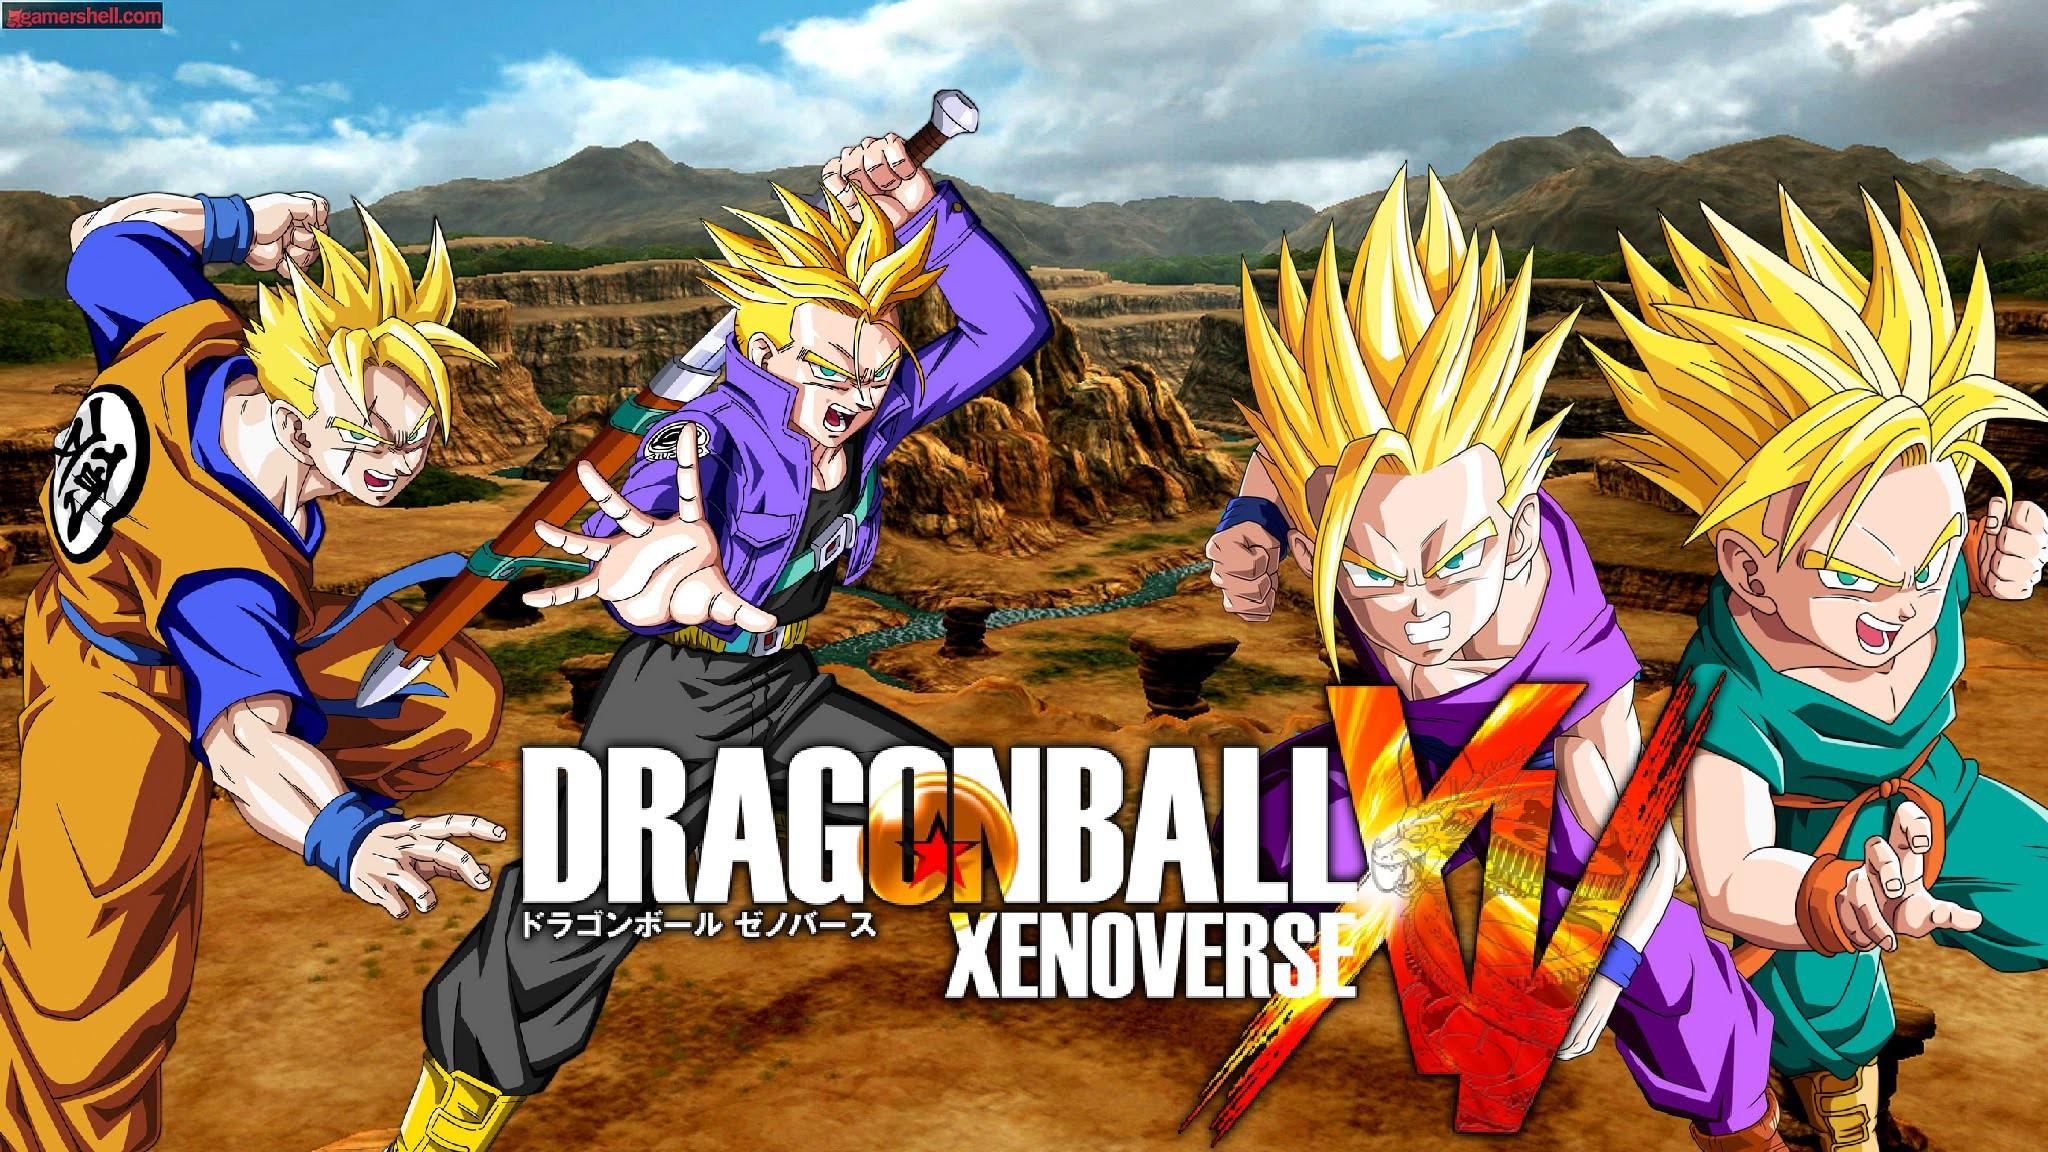 DRAGON BALL XENOVERSE Future Vs Past: Future Gohan & Trunks Vs Teen Gohan &  Kid Trunks